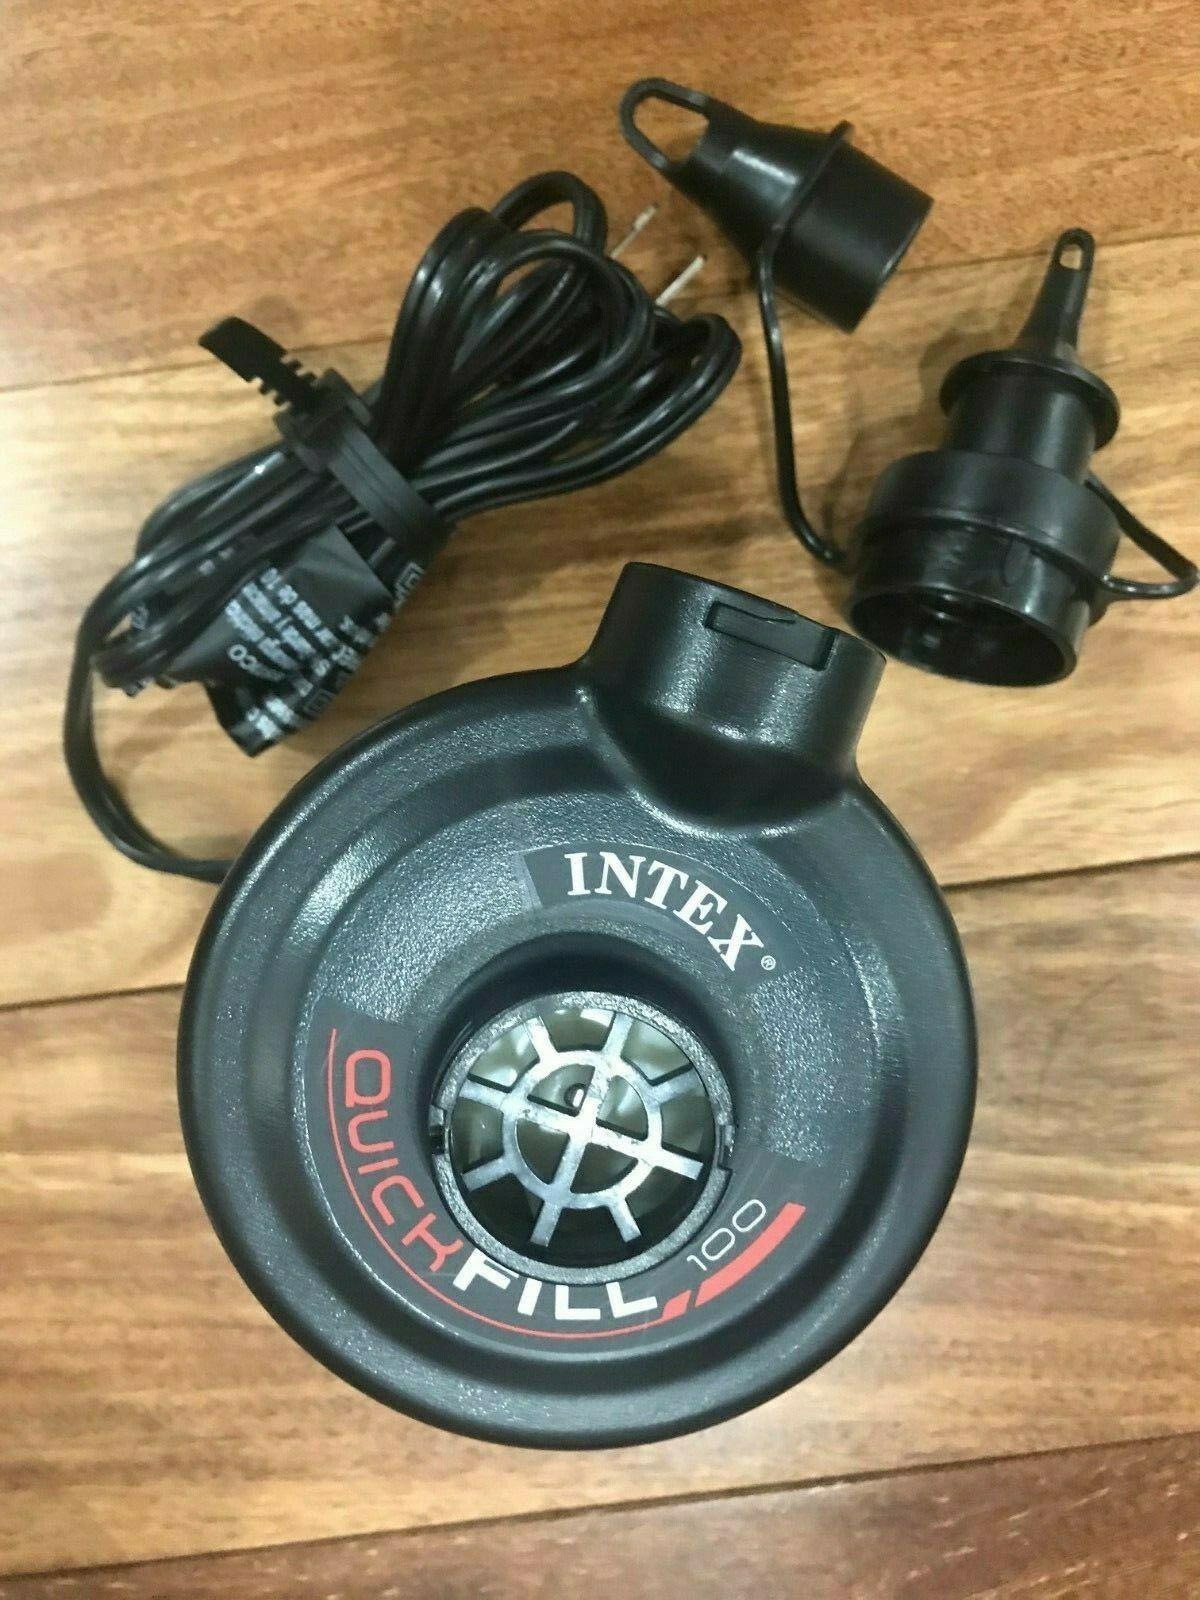 INTEX 120V Quick Fill AC Electric Air Pump w/ Nozzles | 6661